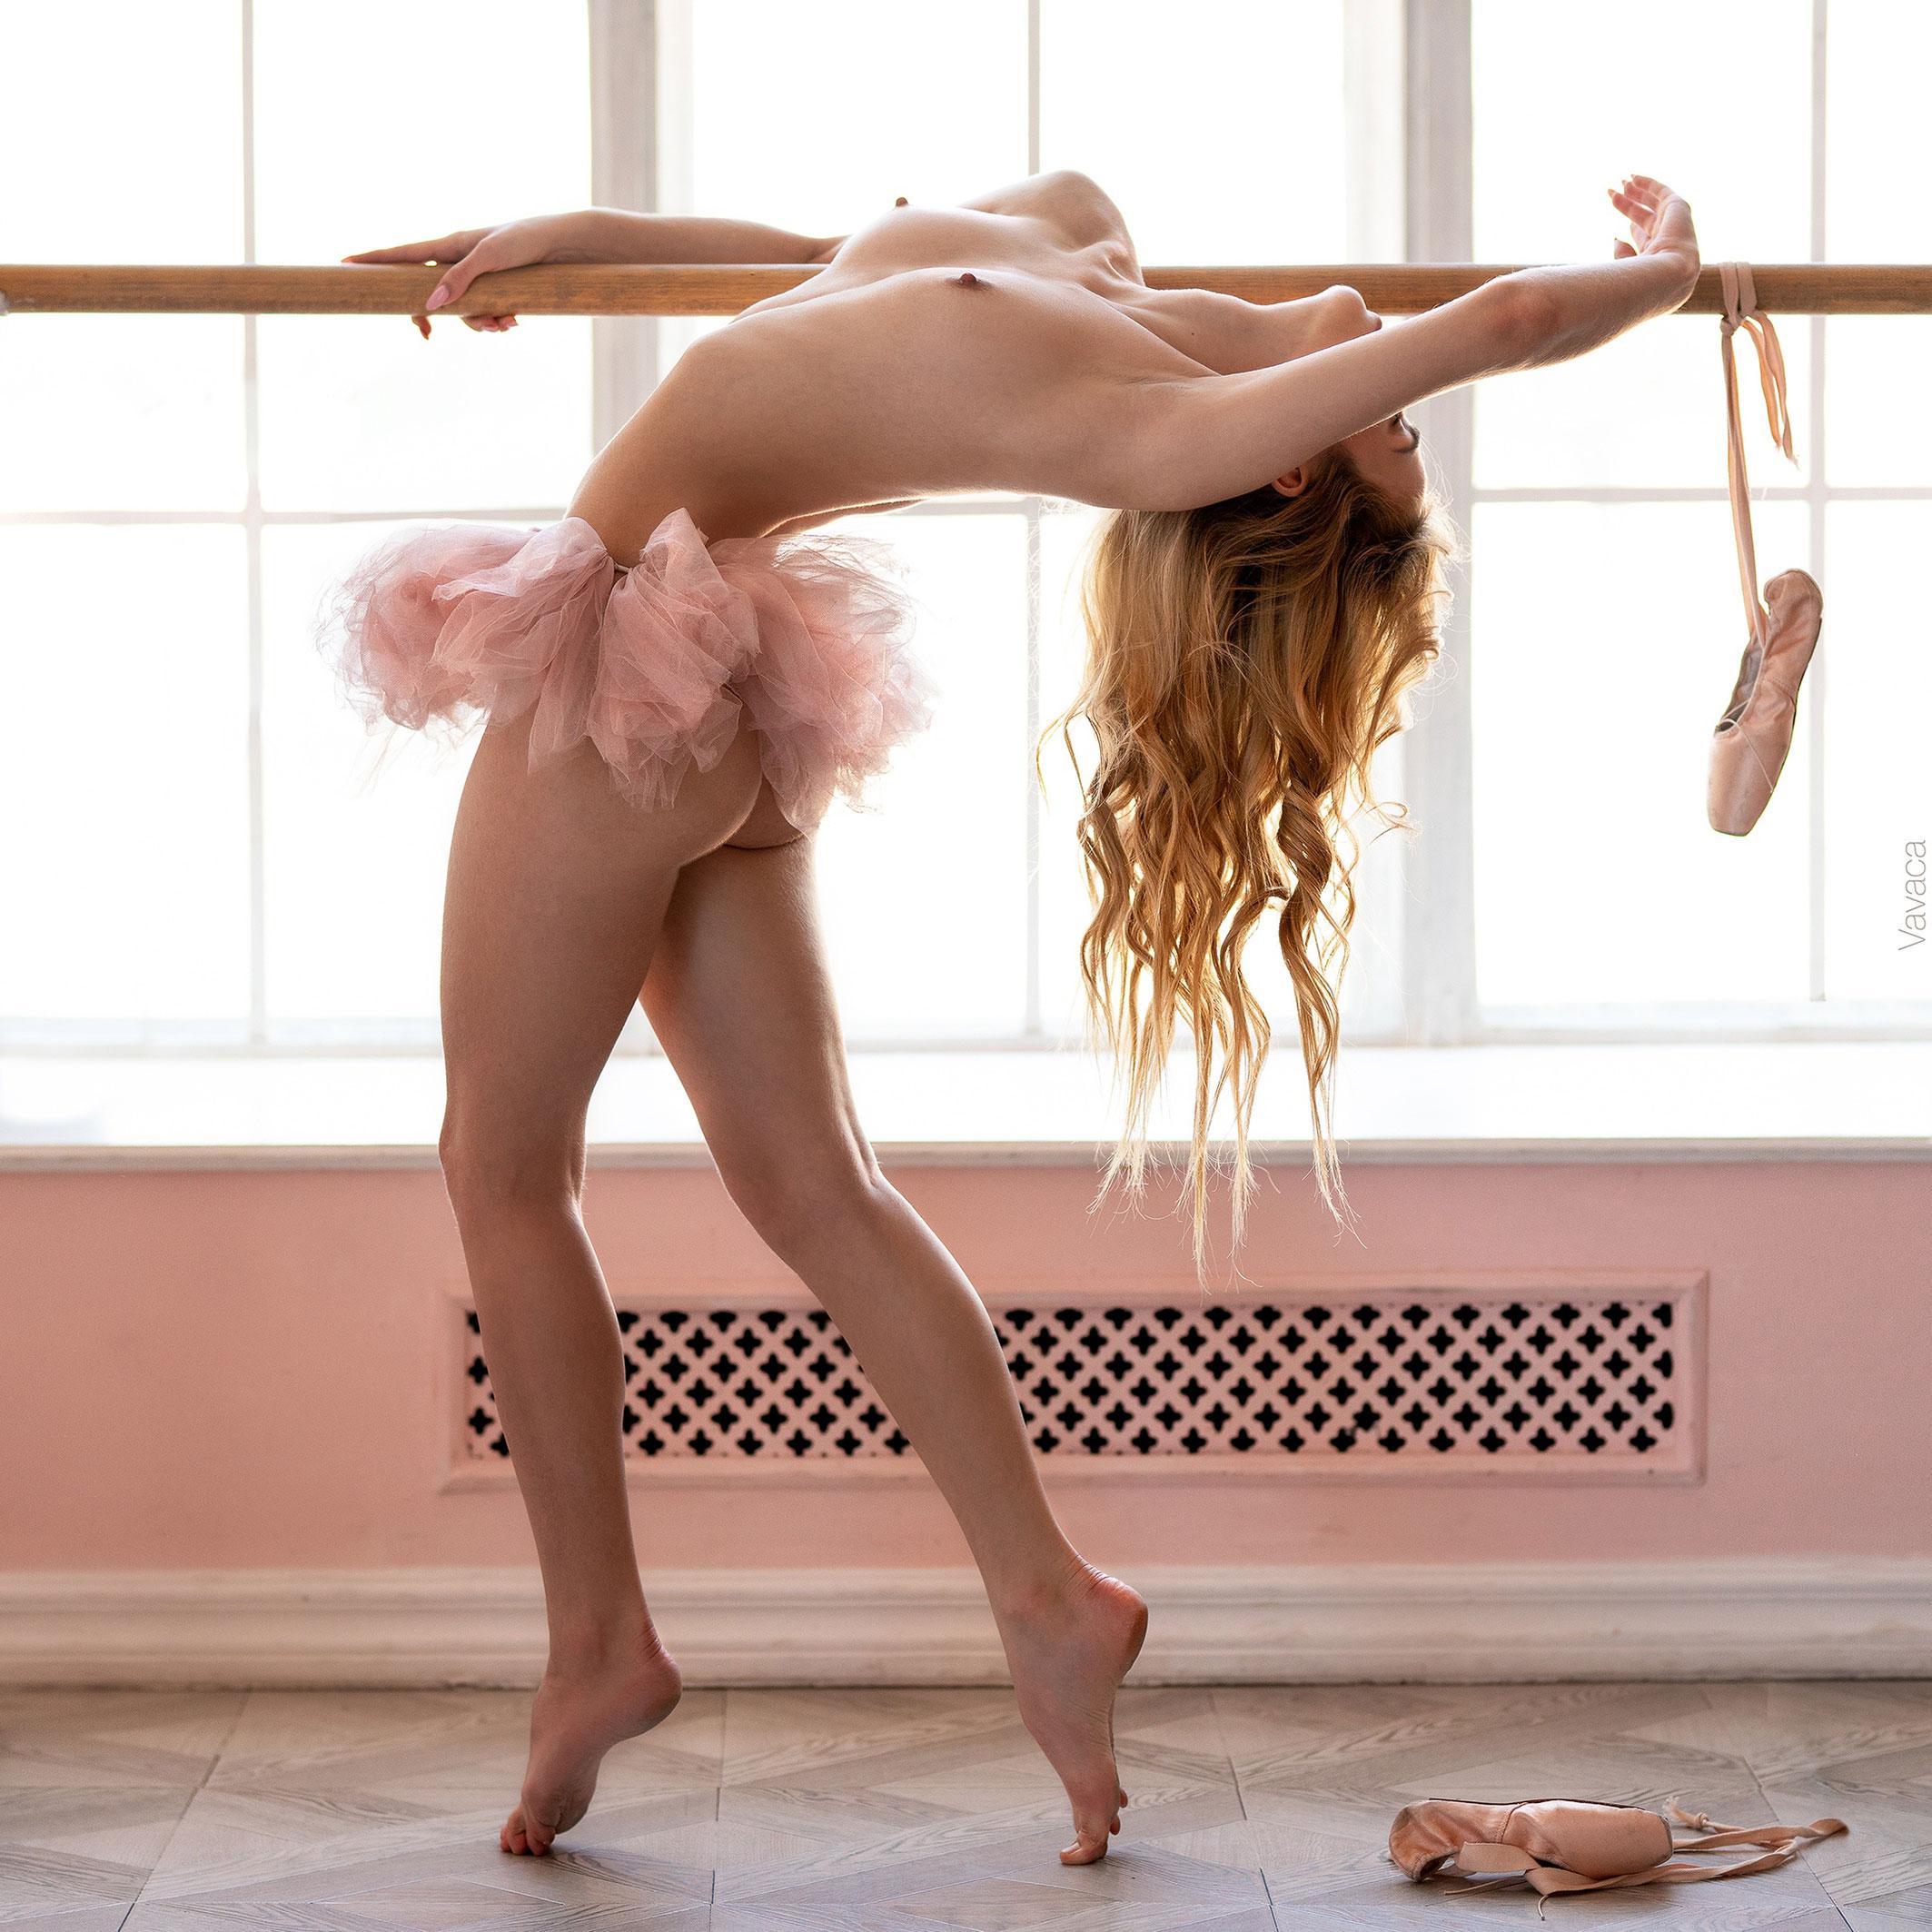 голая -балерина- Александра Смелова отмечает день рождения / фото 24